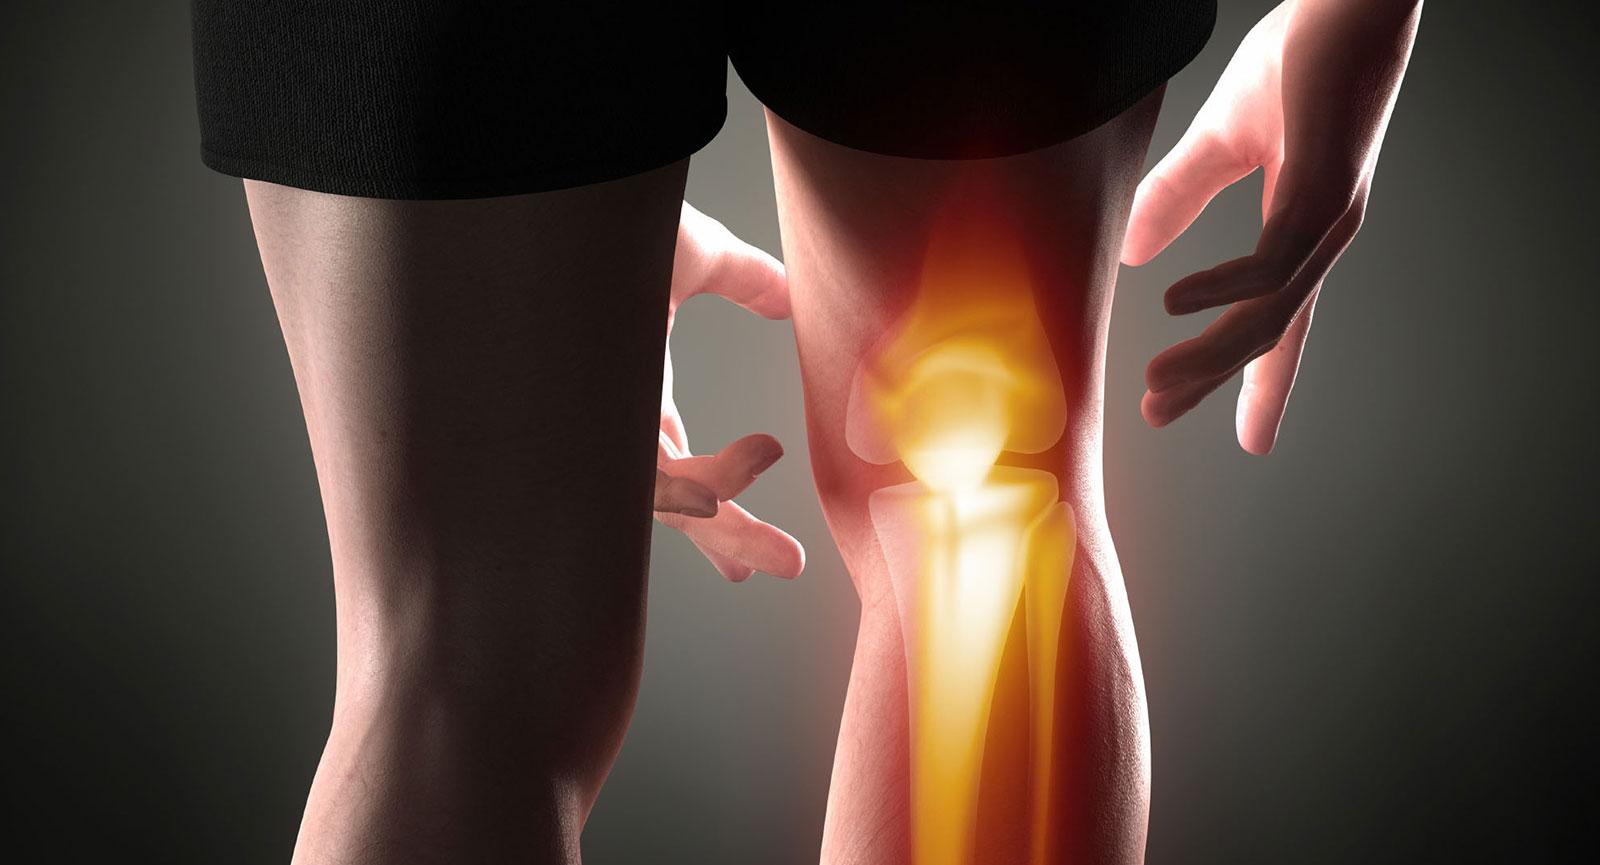 puoi avere una risonanza magnetica al ginocchio dopo un intervento chirurgico alla prostata